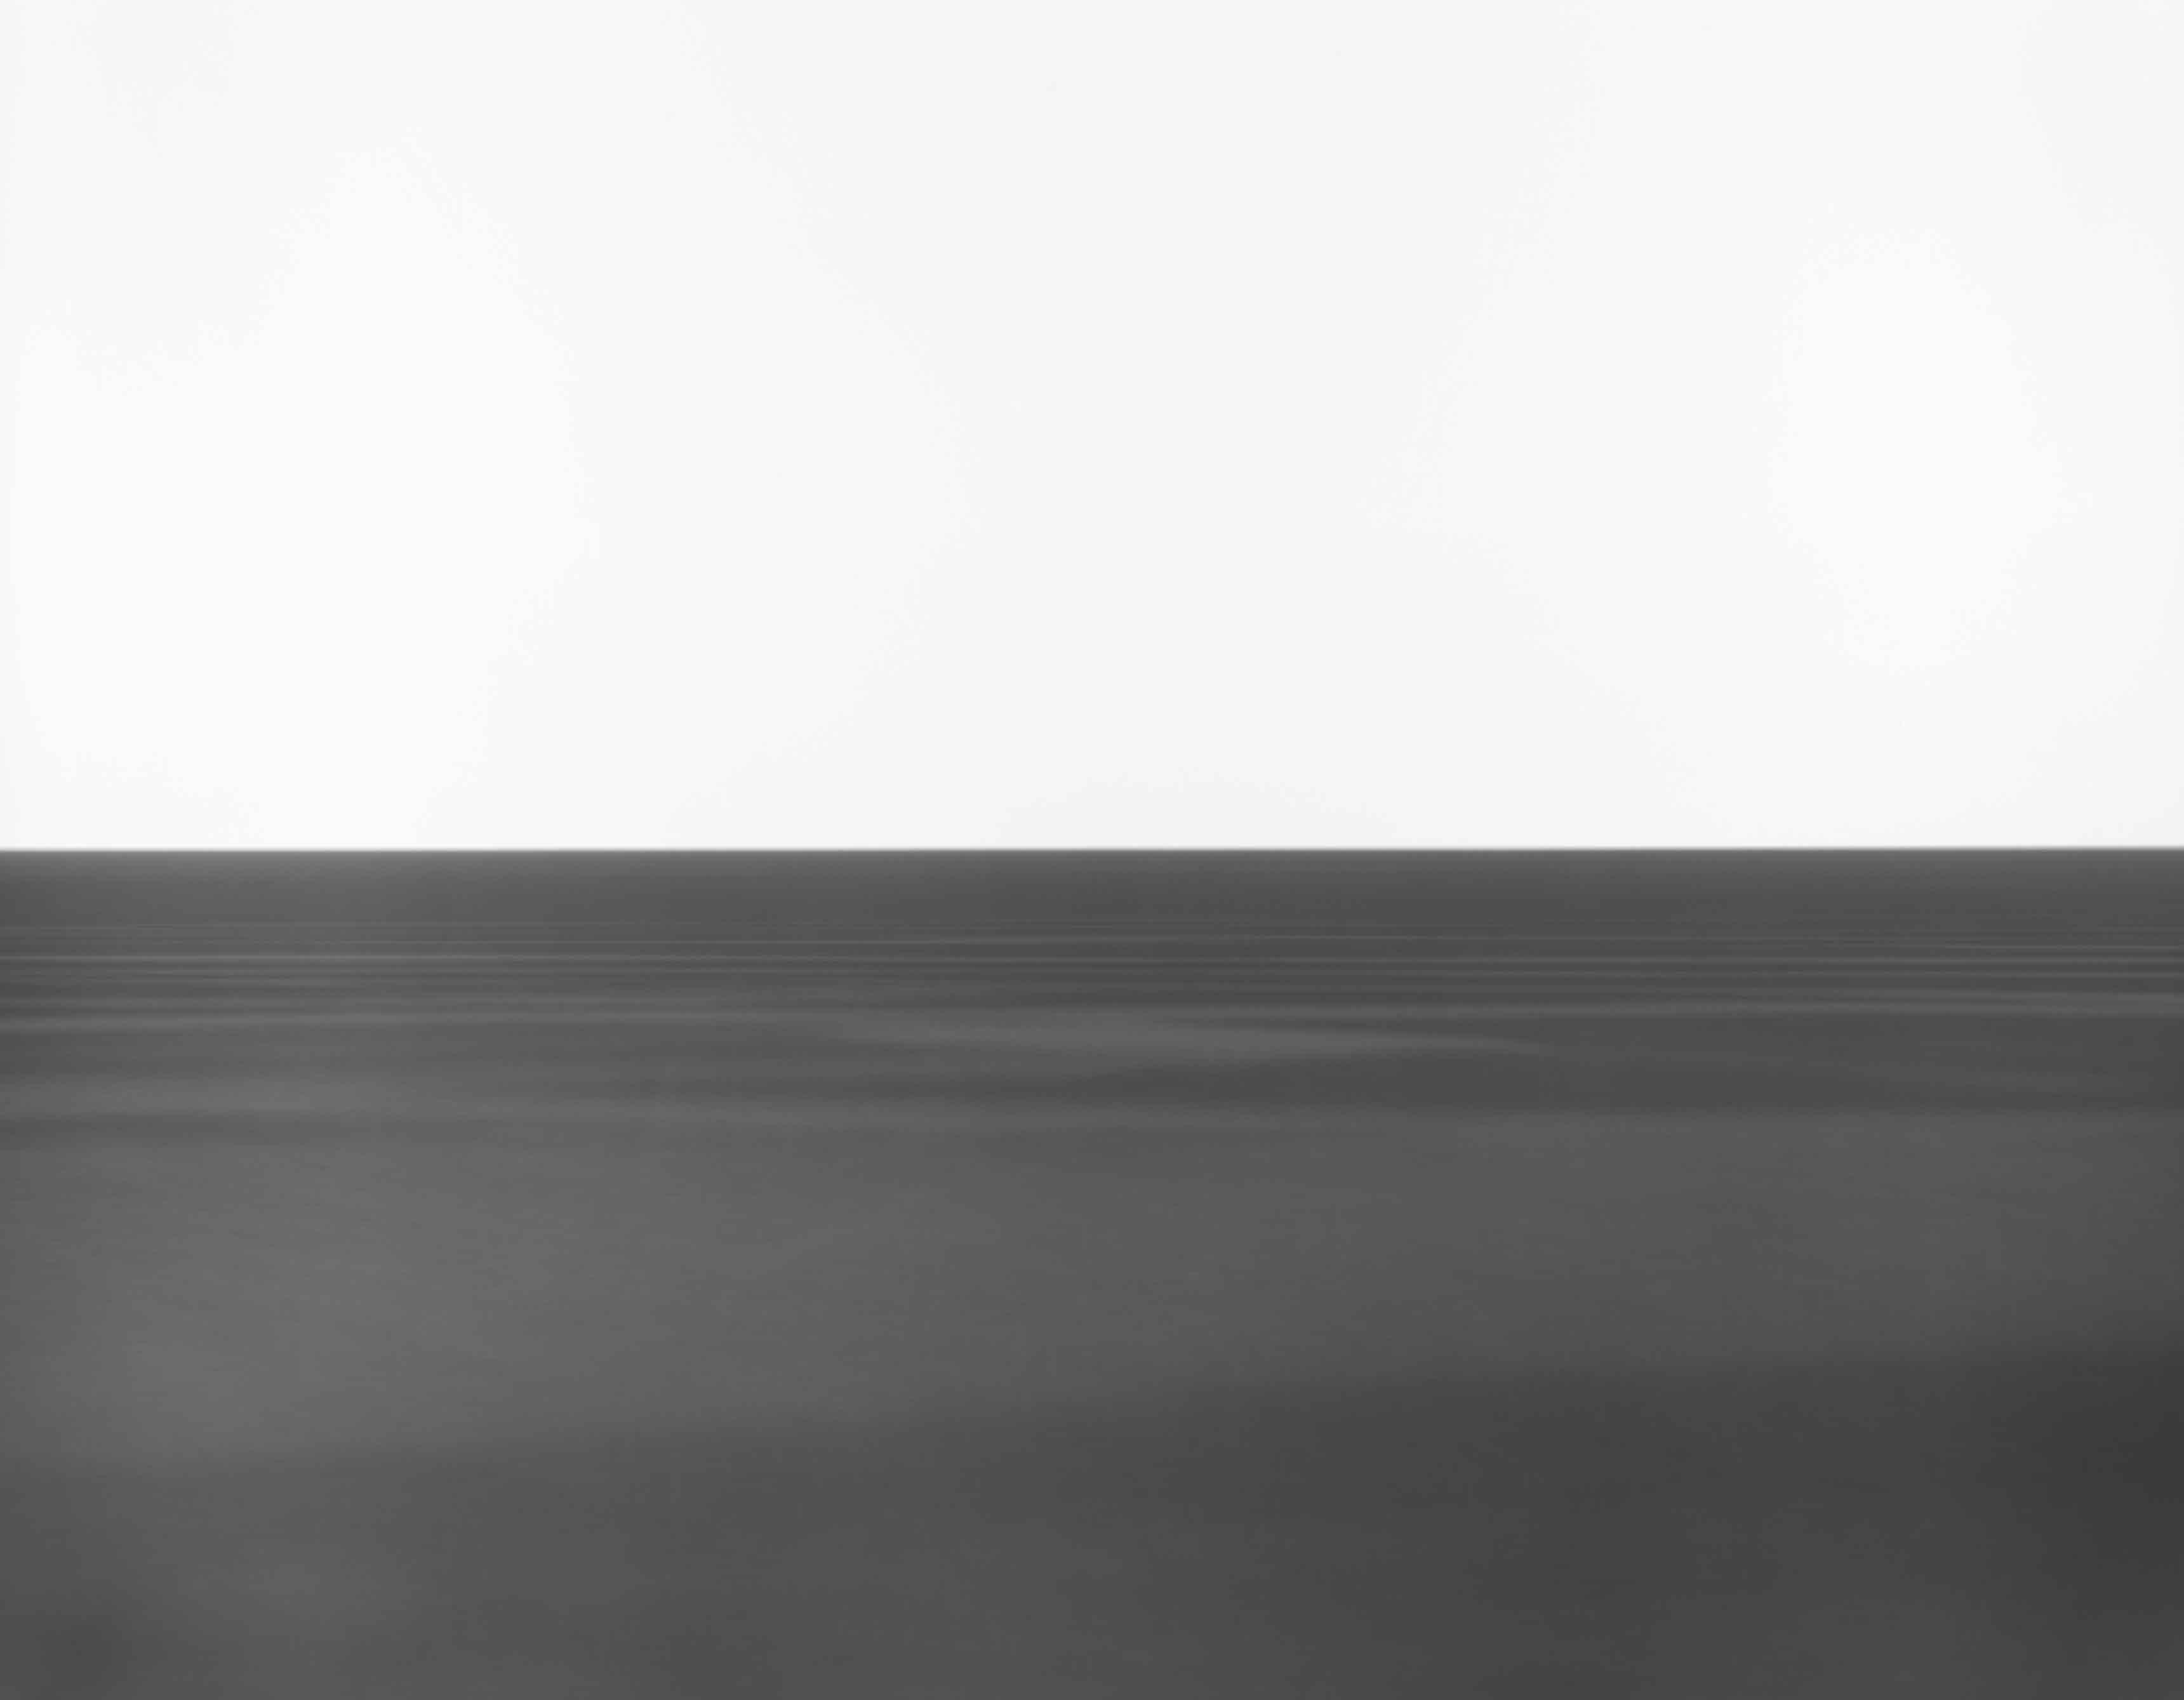 Une étendue d'eau, comme un épiderme marin. Hiroshi Sugimoto, Tasman Sea, Rocky Cape, 2016 Epreuve gélatino-argentique Neg. #584 Image : 47 x 58 3/4 in. (119.4 x 149.2 cm) Cadre : 60 11/16 x 71 3/4 in. (154.2 x 182.2 cm)